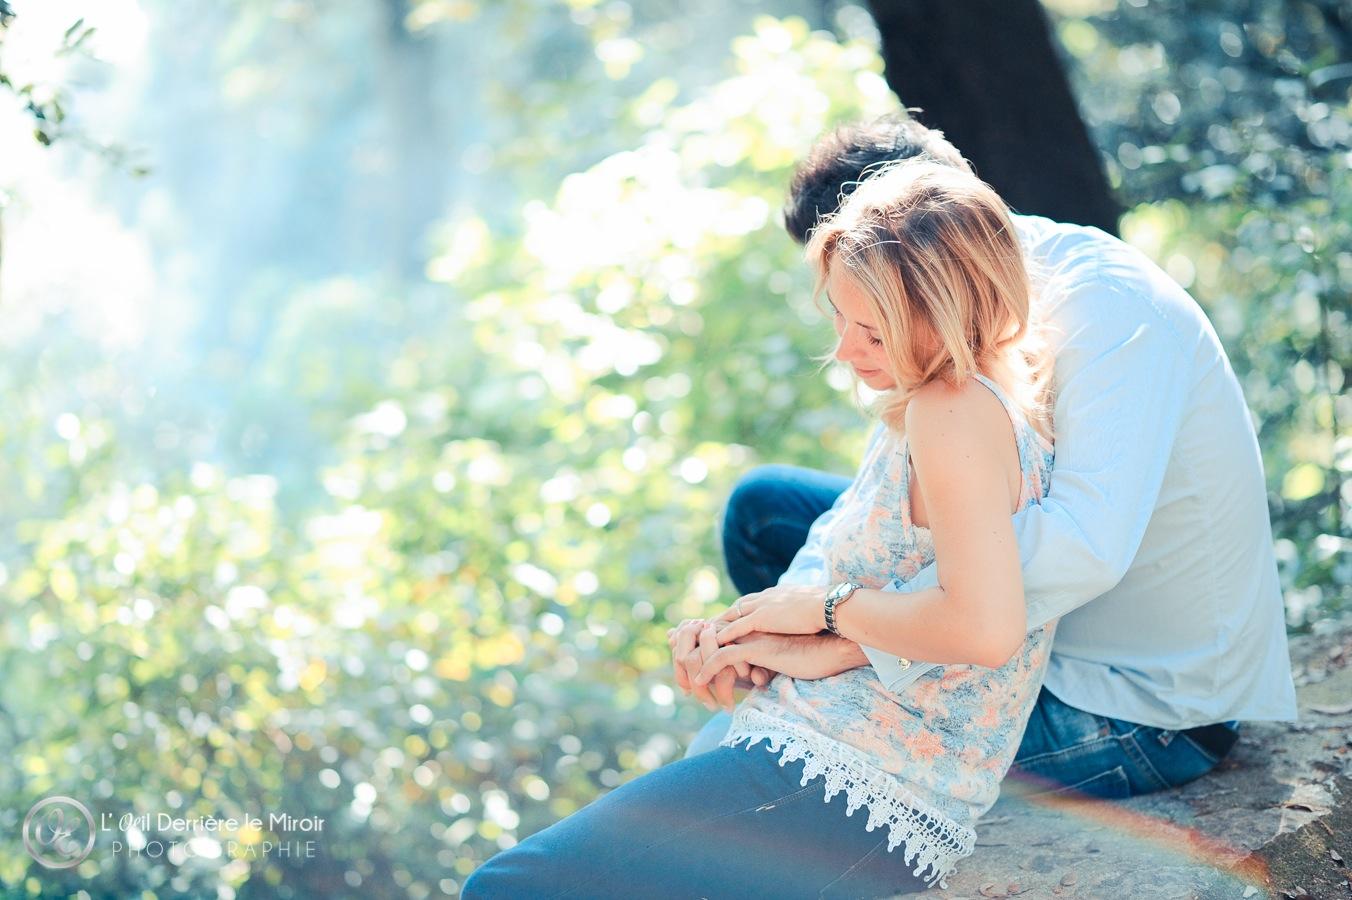 Photographe Couple Grasse L'OEil Derrière le Miroir